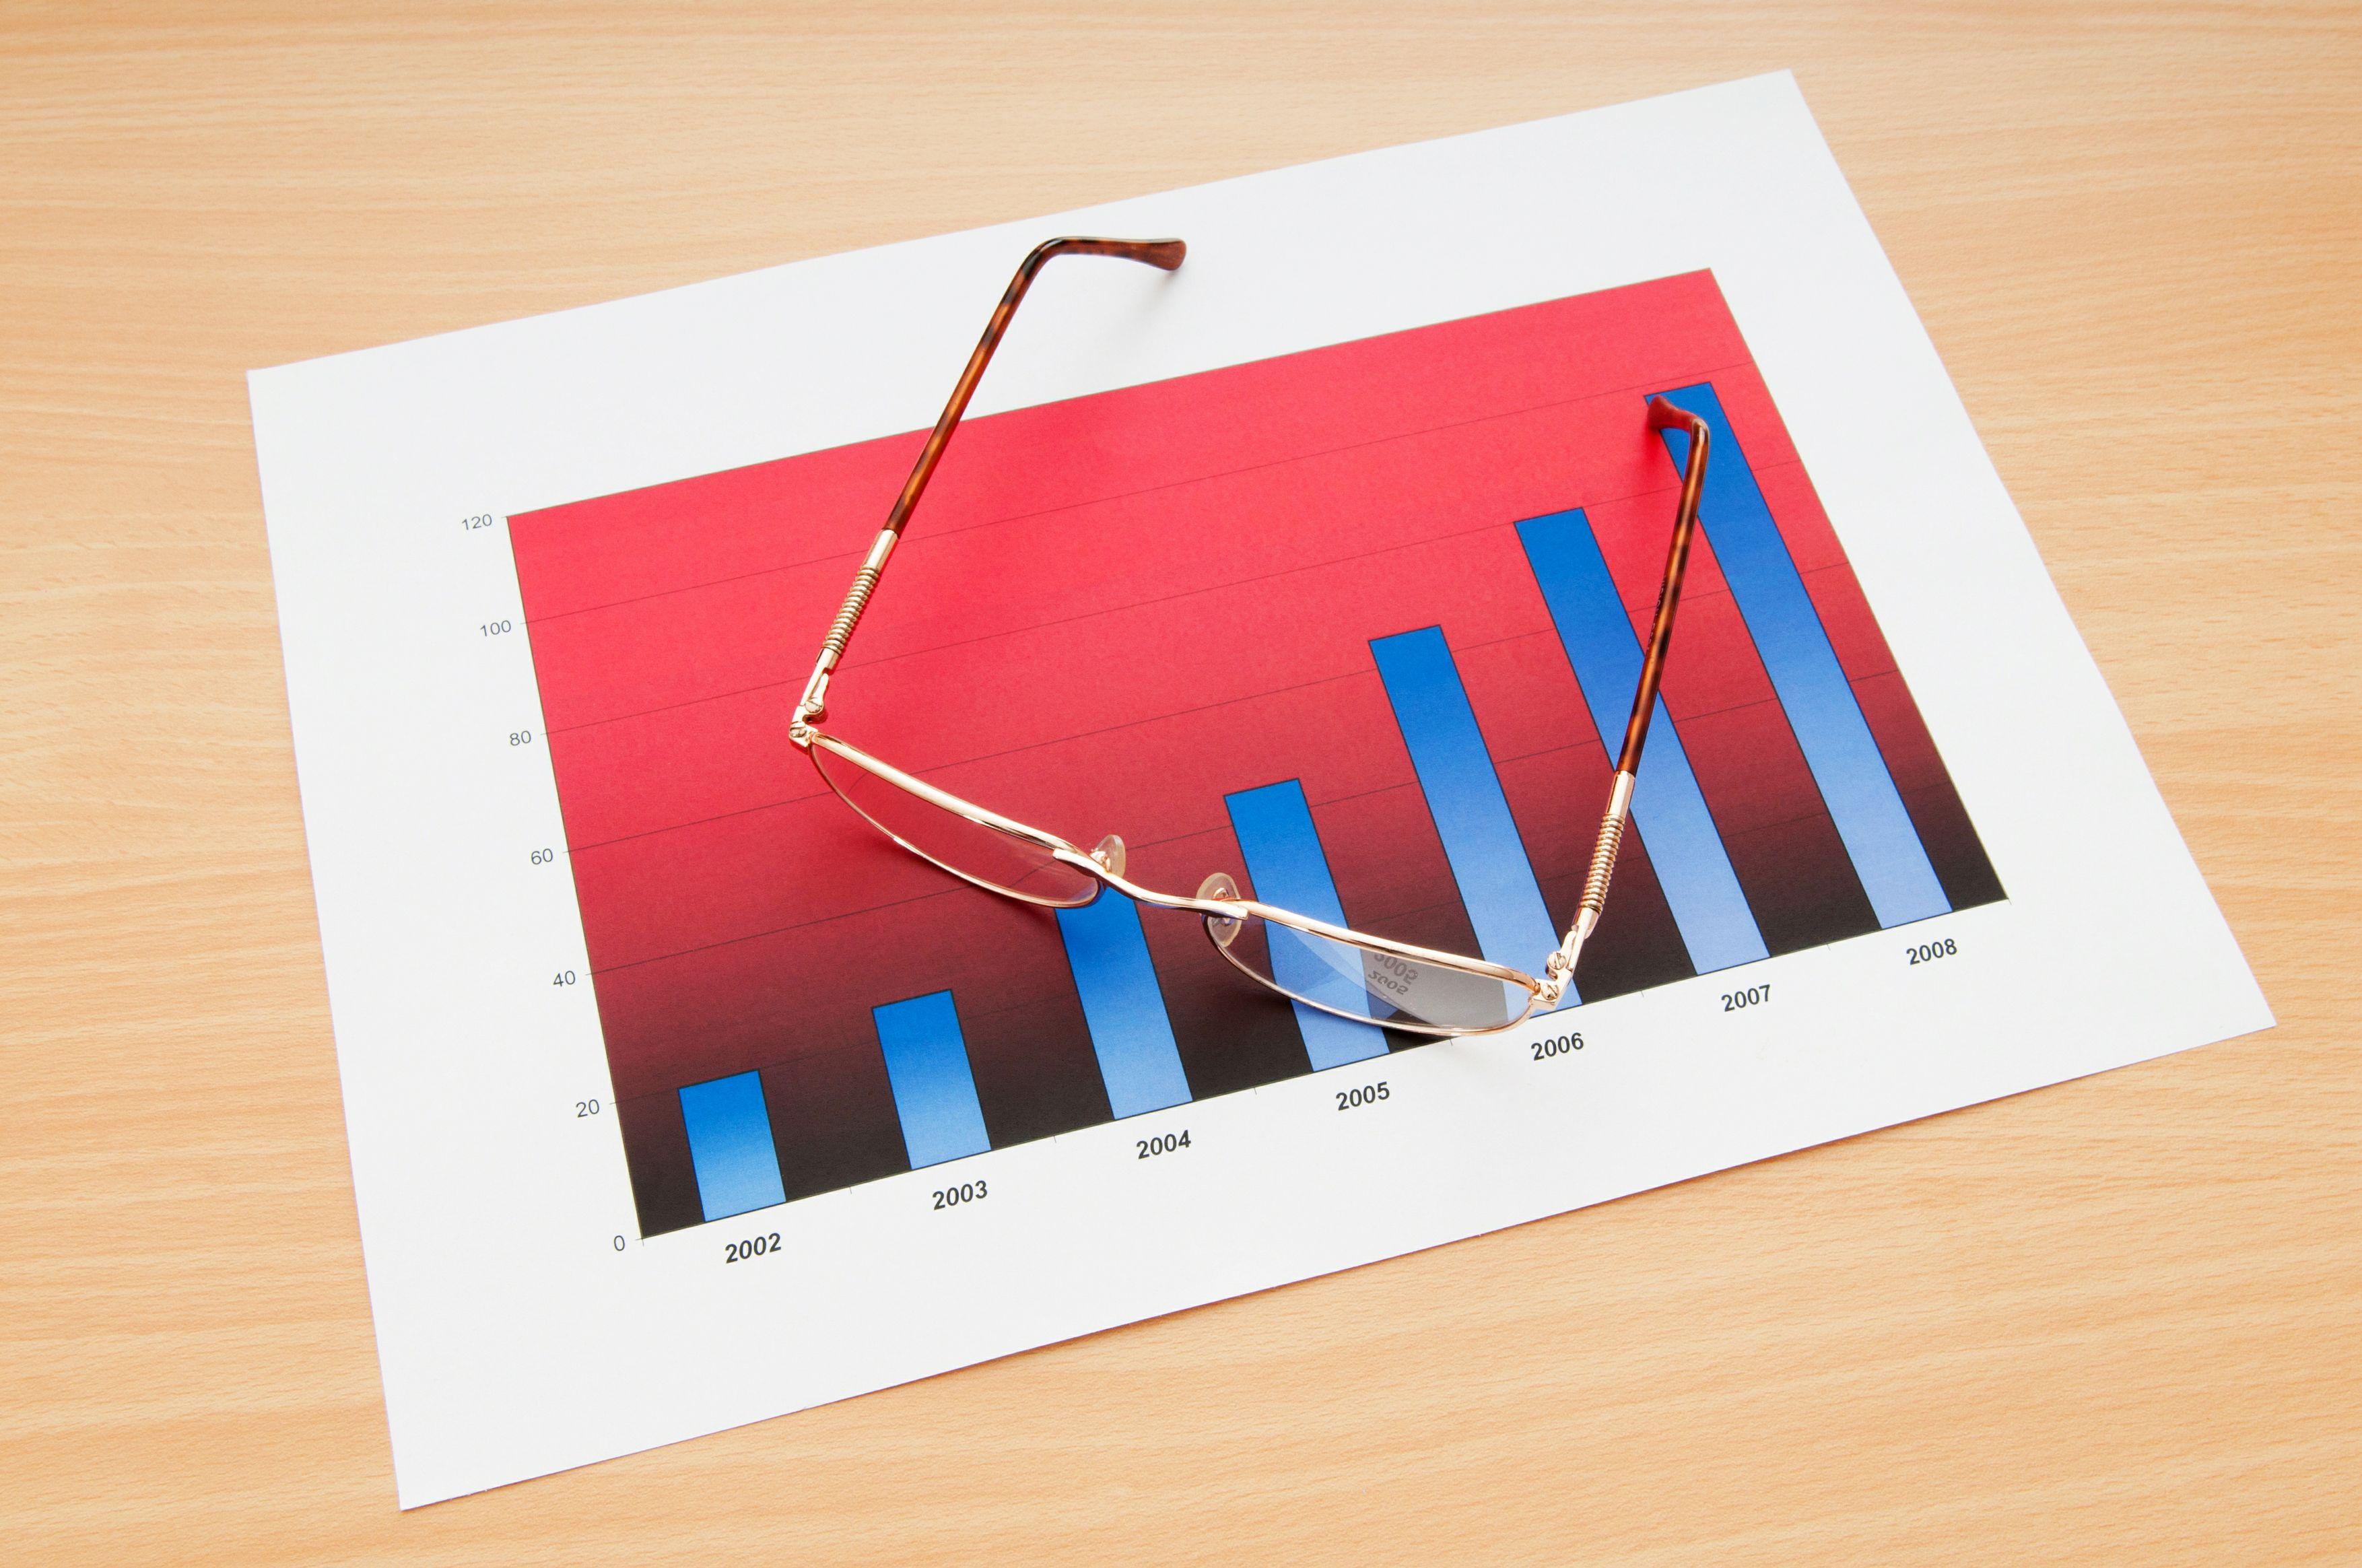 公募ETF认购逐渐升温,份额飙升,热情资金加速归队